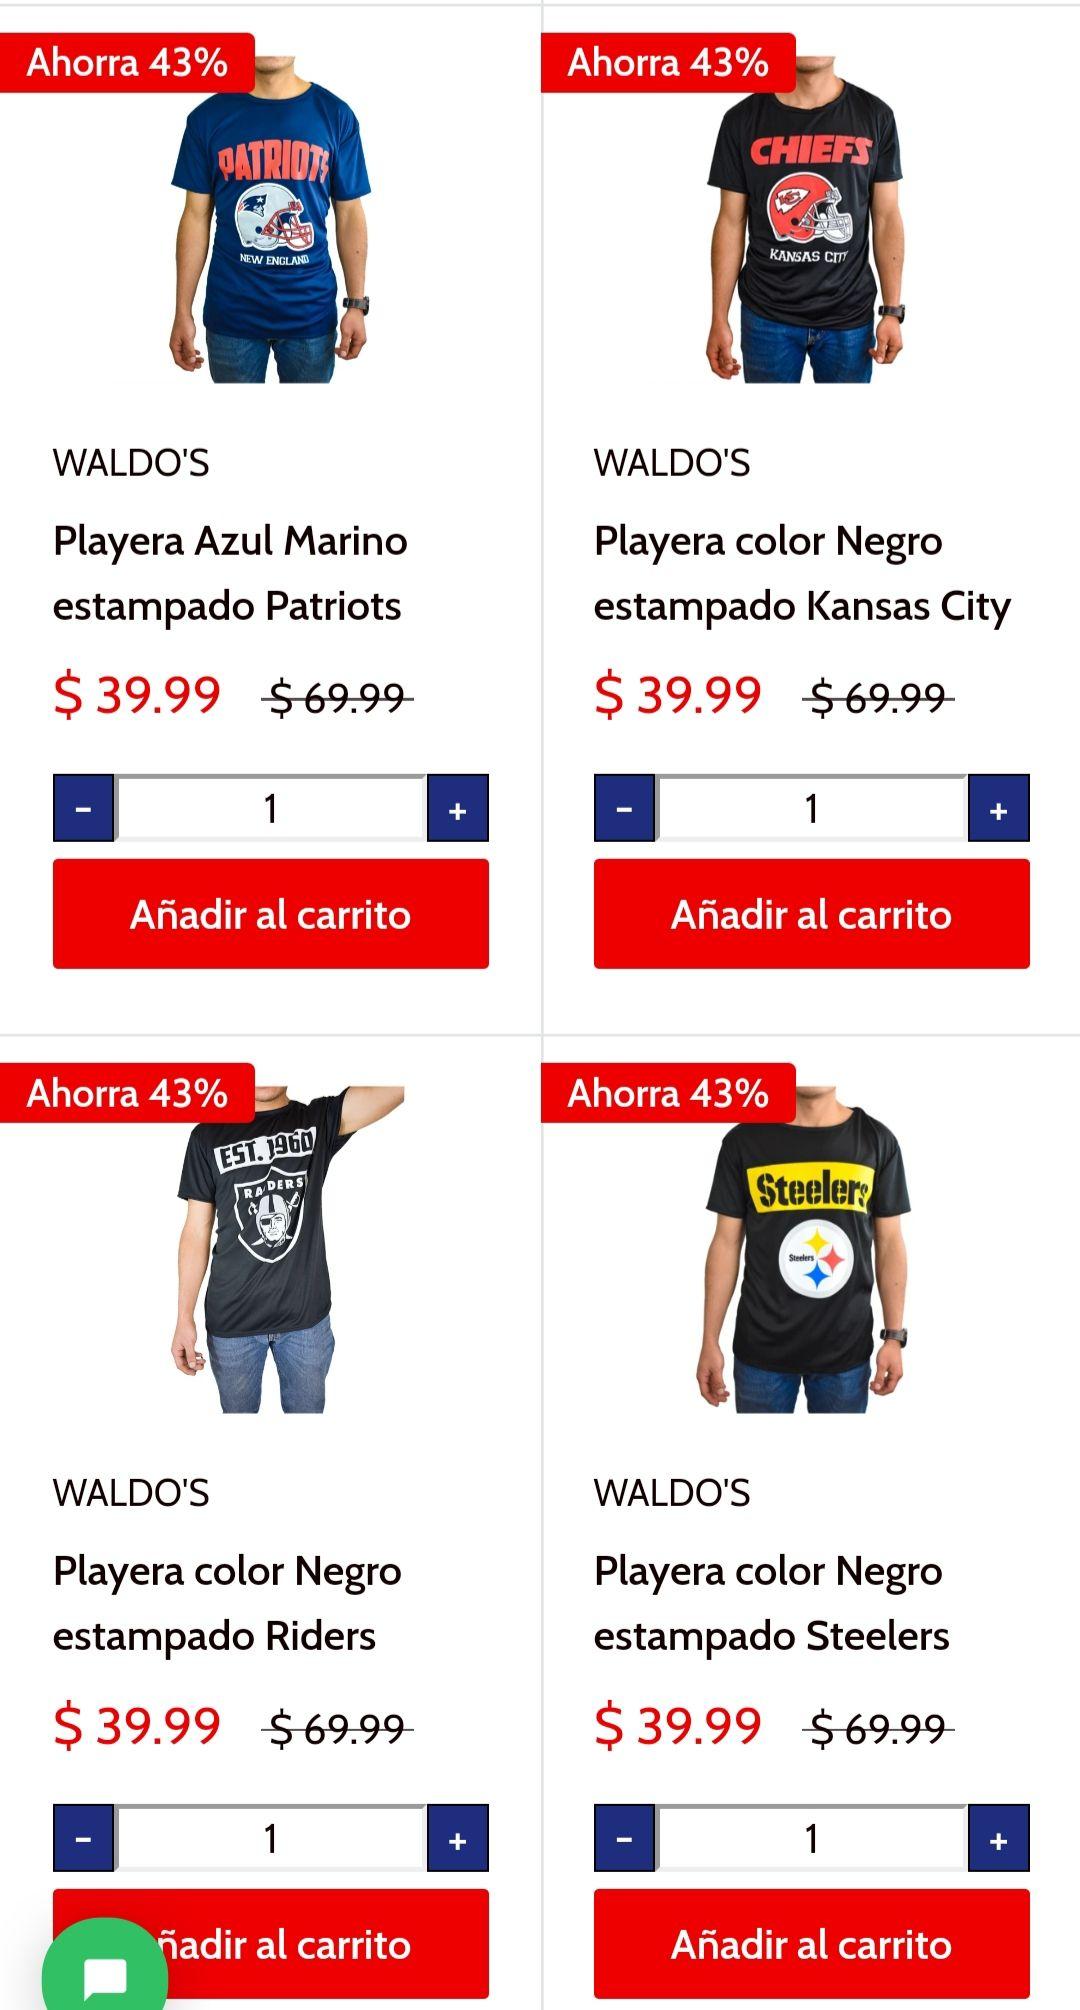 Waldos: Playera patriots y otros + 20% con cupón